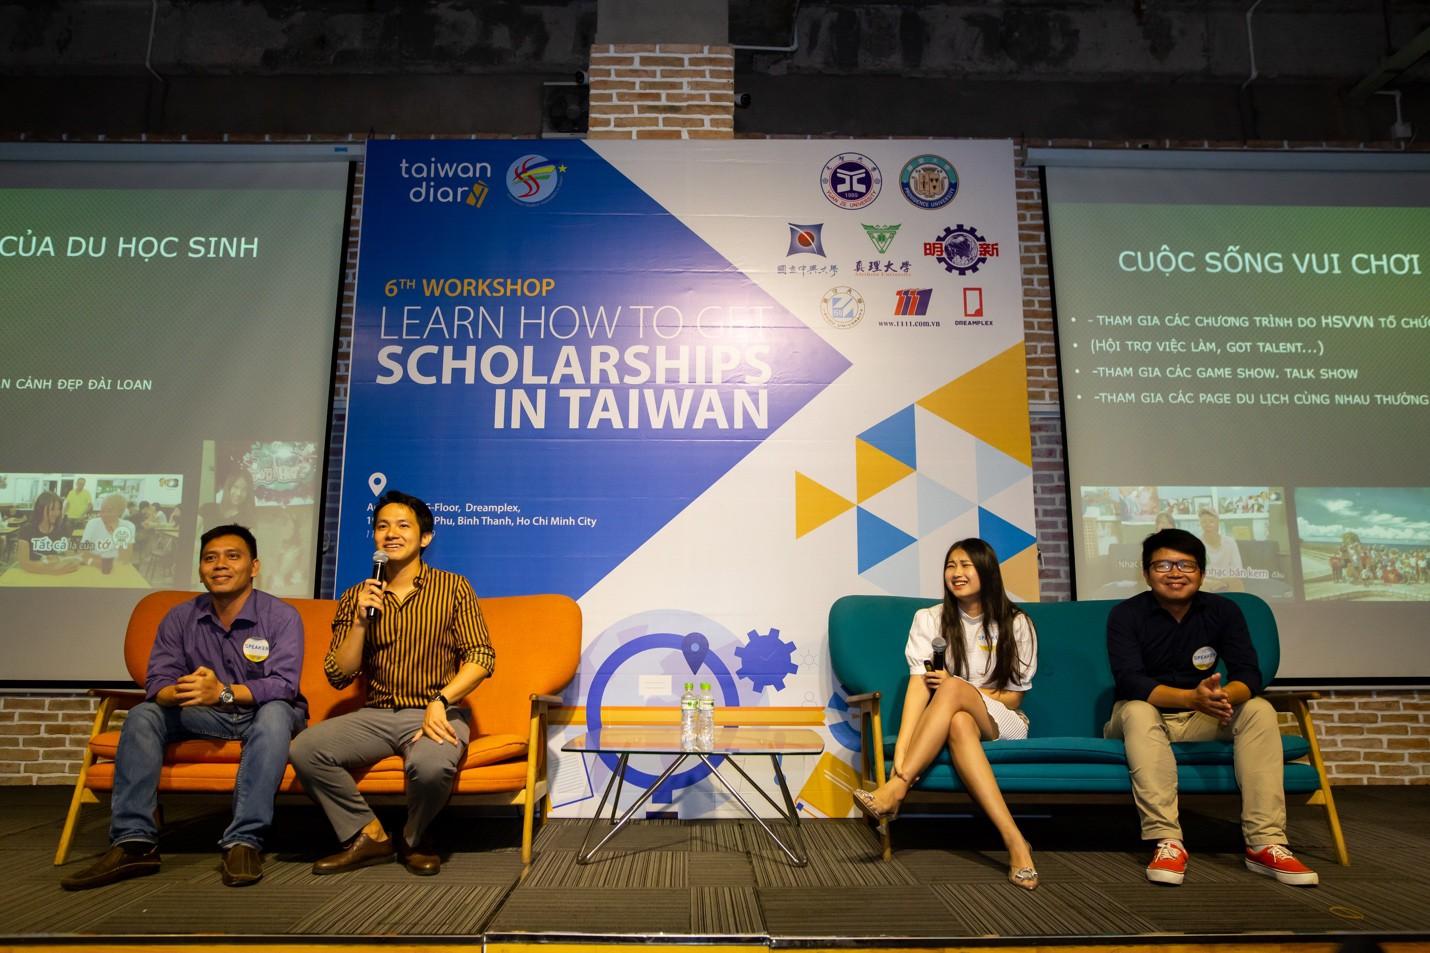 Học bổng du học Đài Loan: Dễ hay khó? - Ảnh 2.